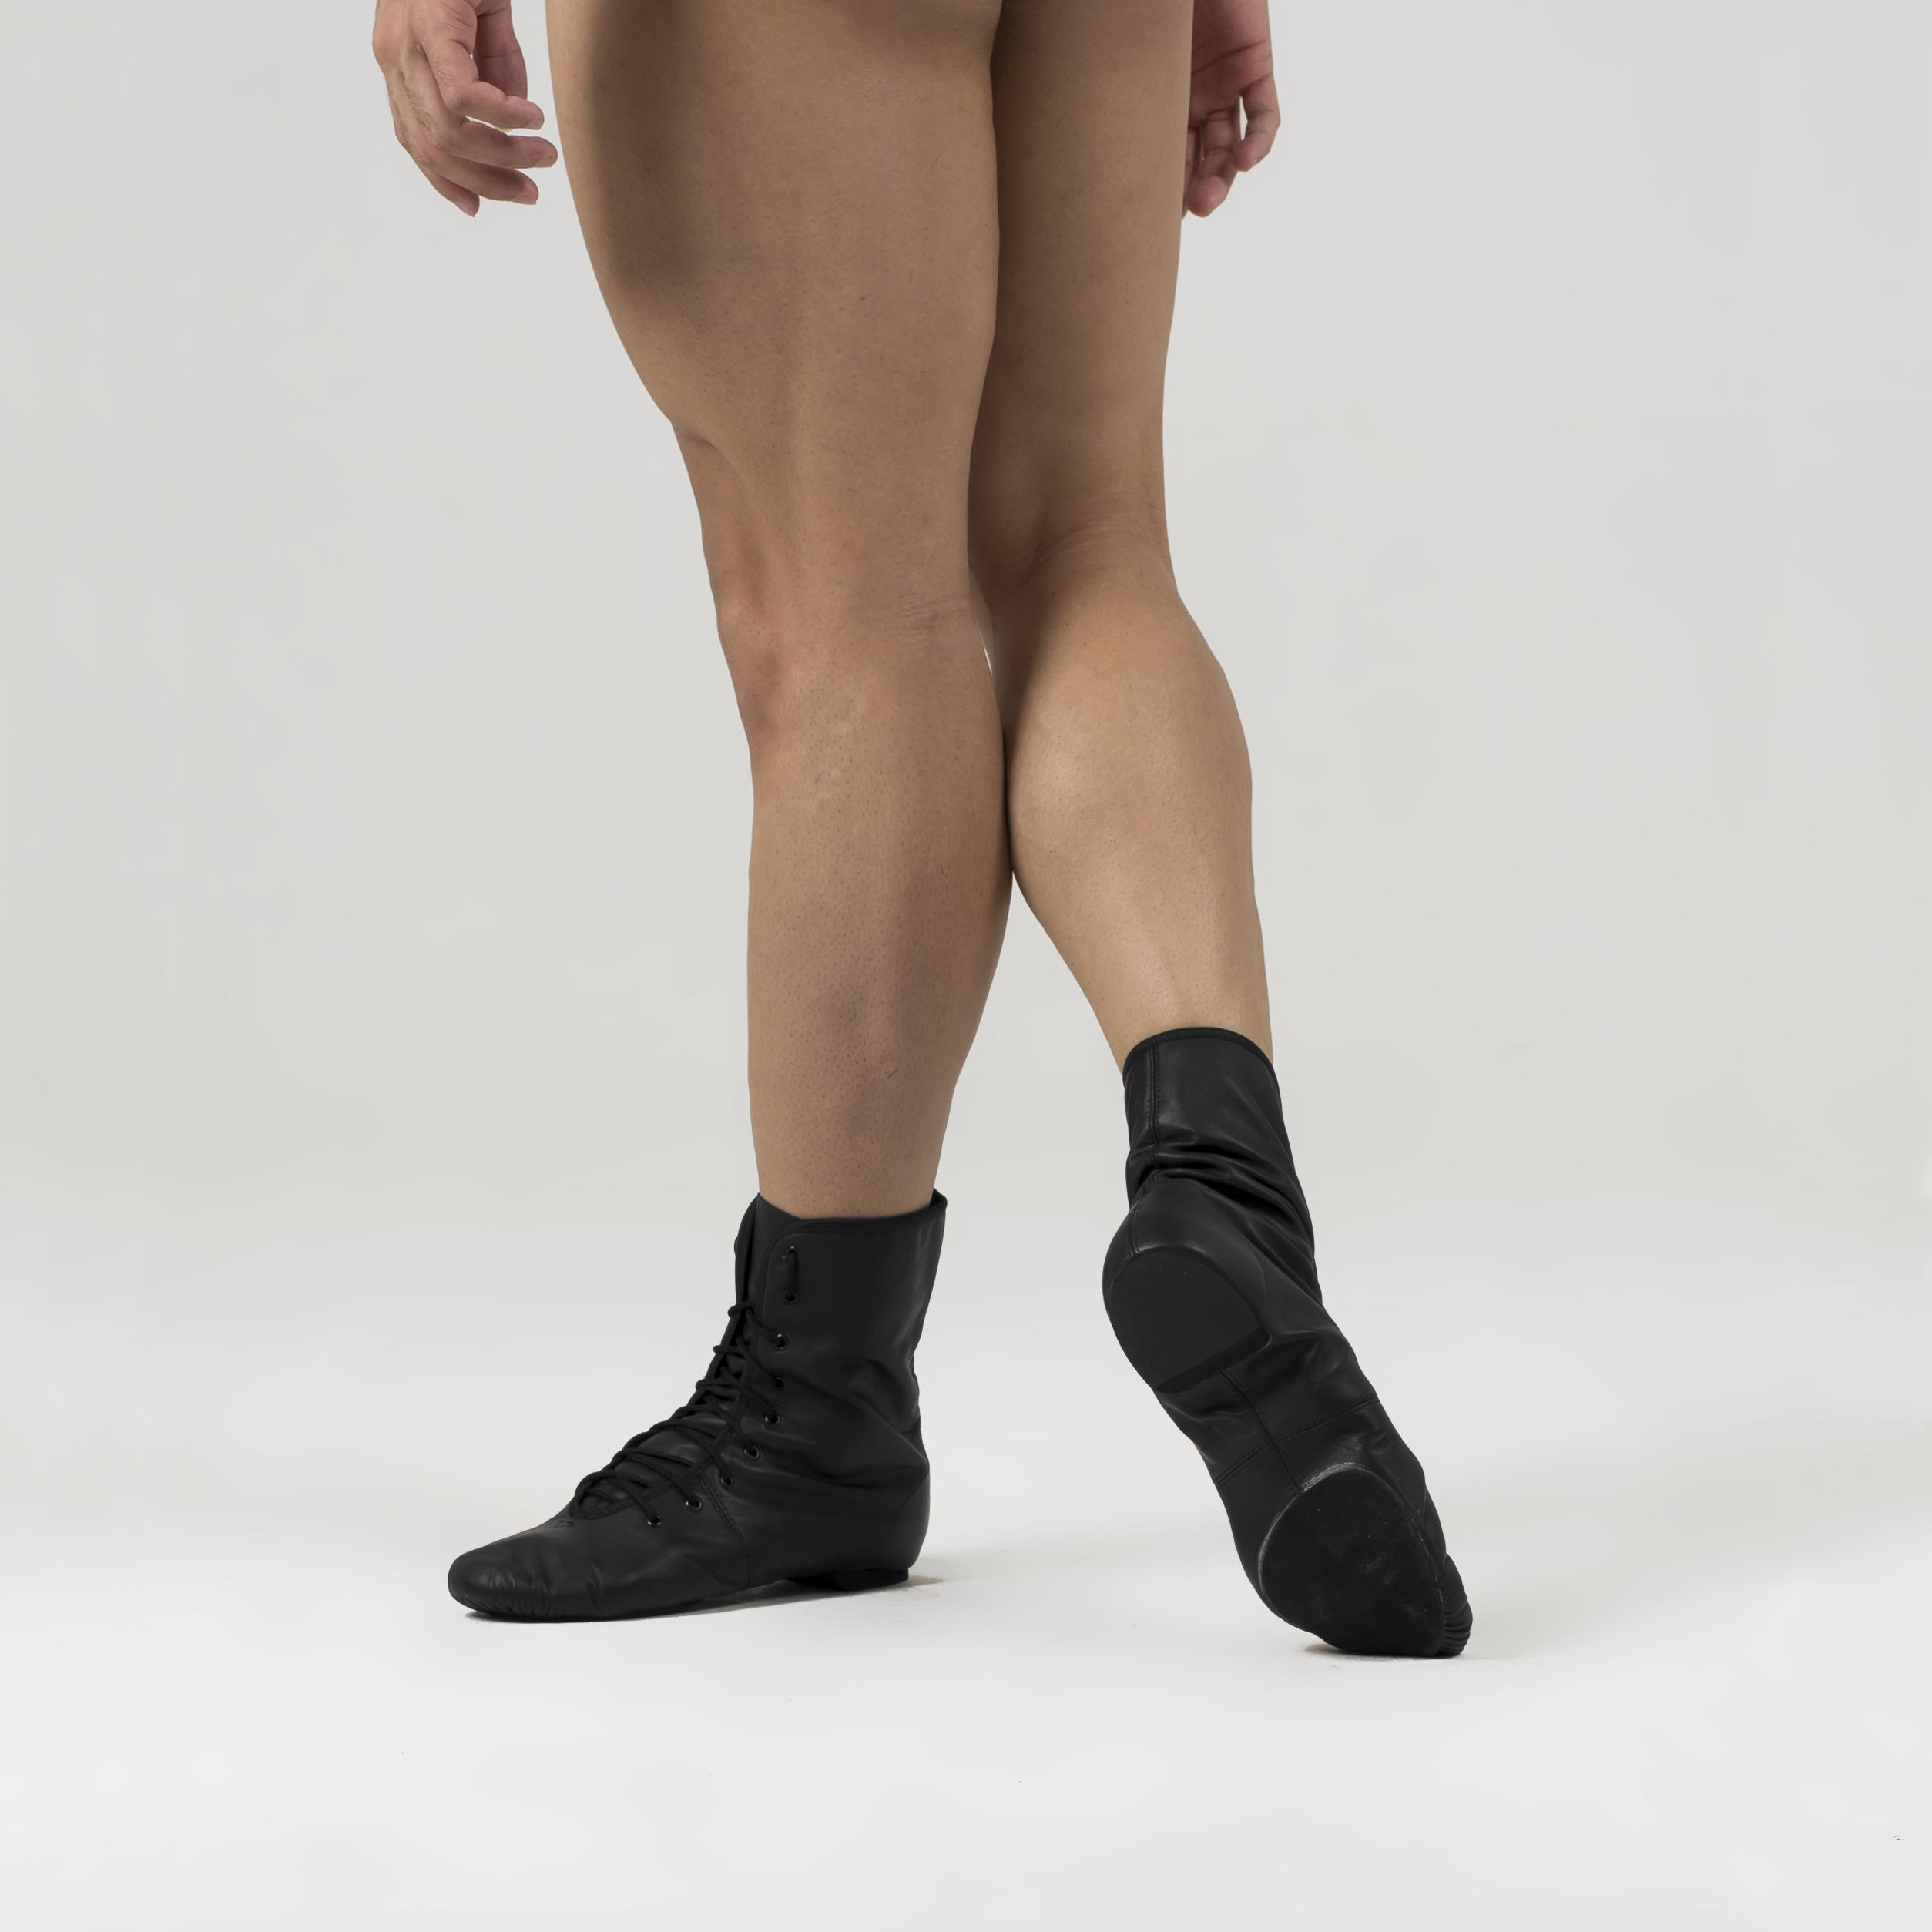 Escolha a sapatilha de jazz ideal para você!